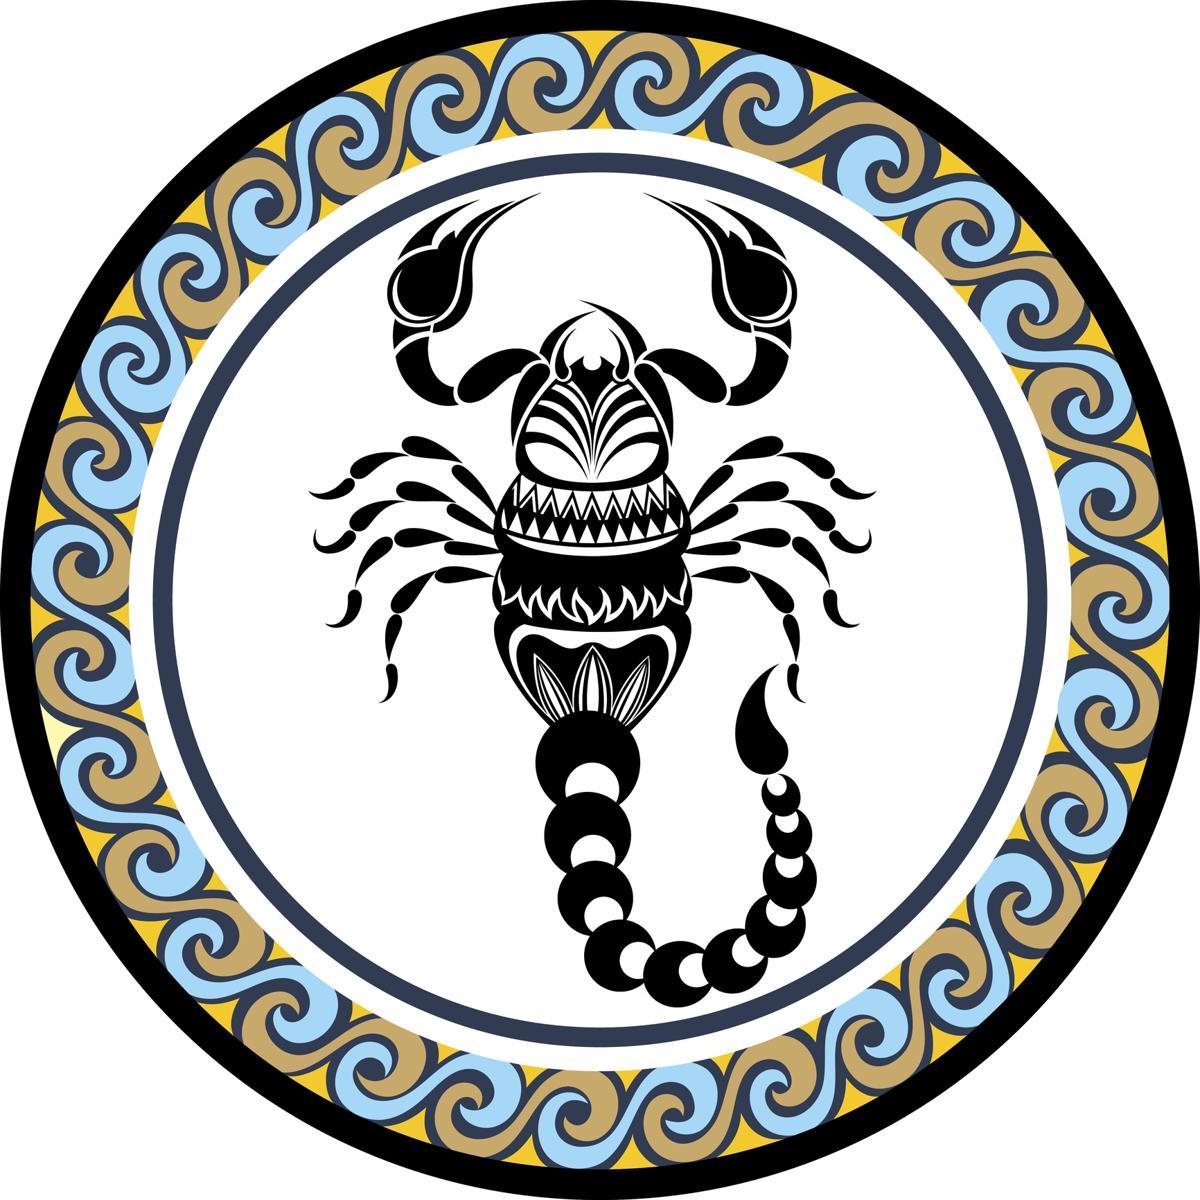 horoskop jahres vorschau 2018 f r die skorpione. Black Bedroom Furniture Sets. Home Design Ideas